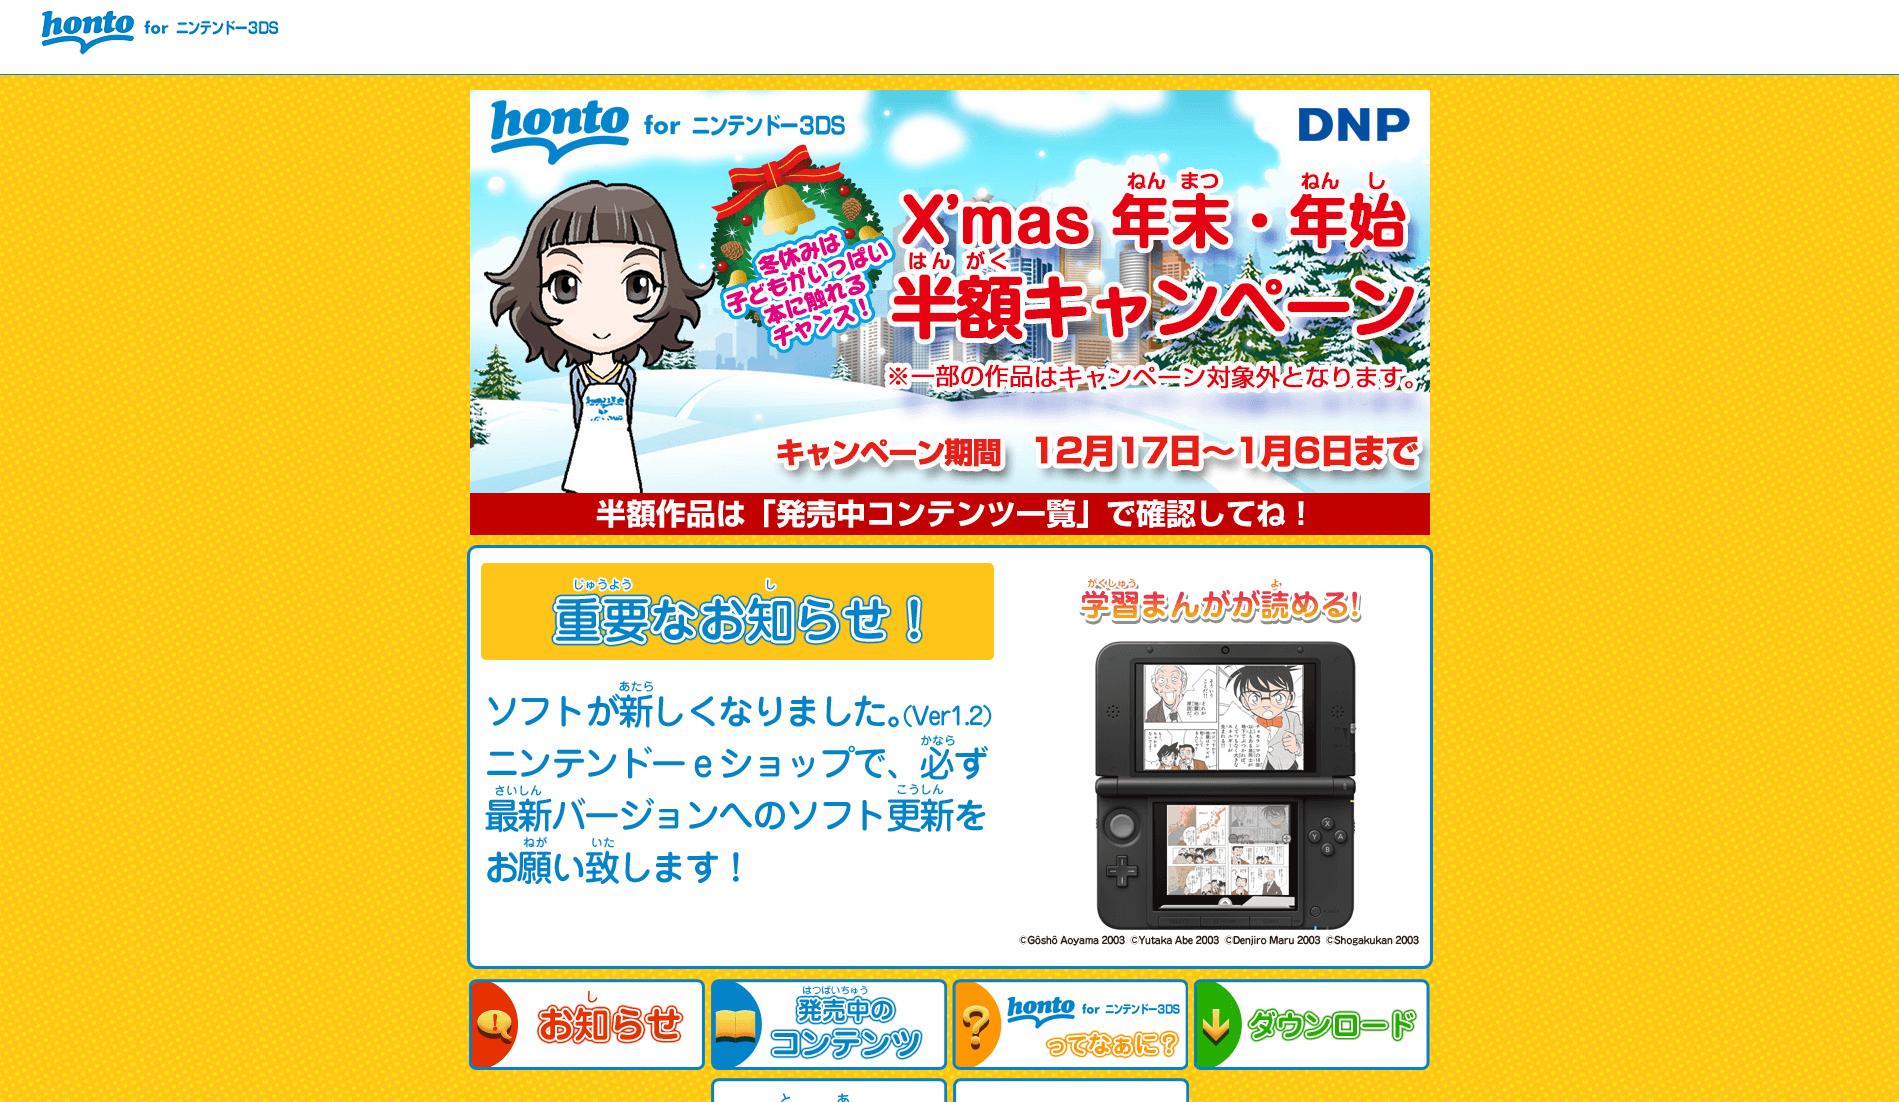 honto for ニンテンドー3DS:ニンテンドー3DSで本が読める!今すぐソフトをダウンロードしよう!